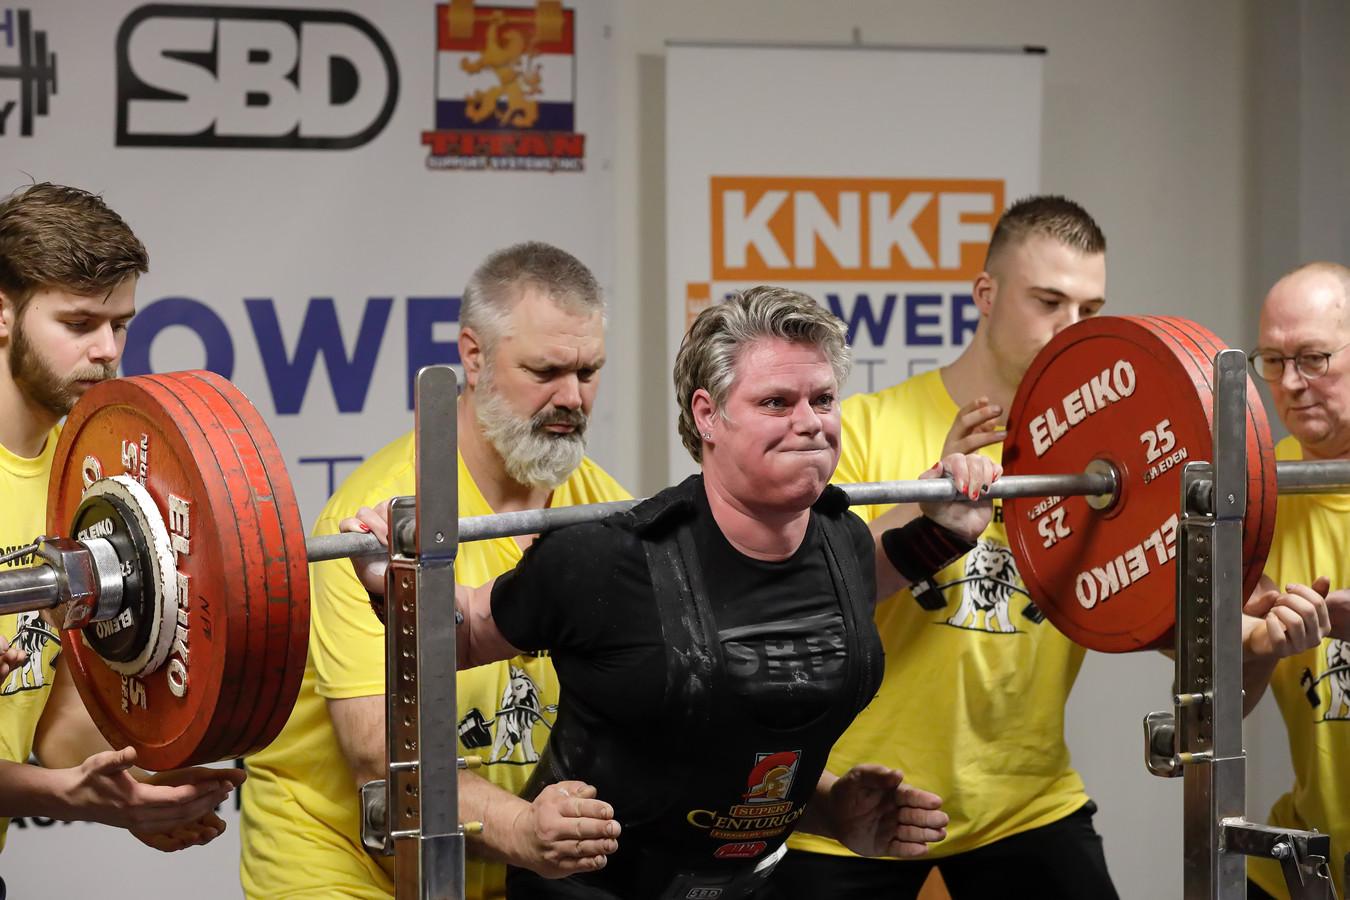 Ielja Strik tijdens het NK powerliften.